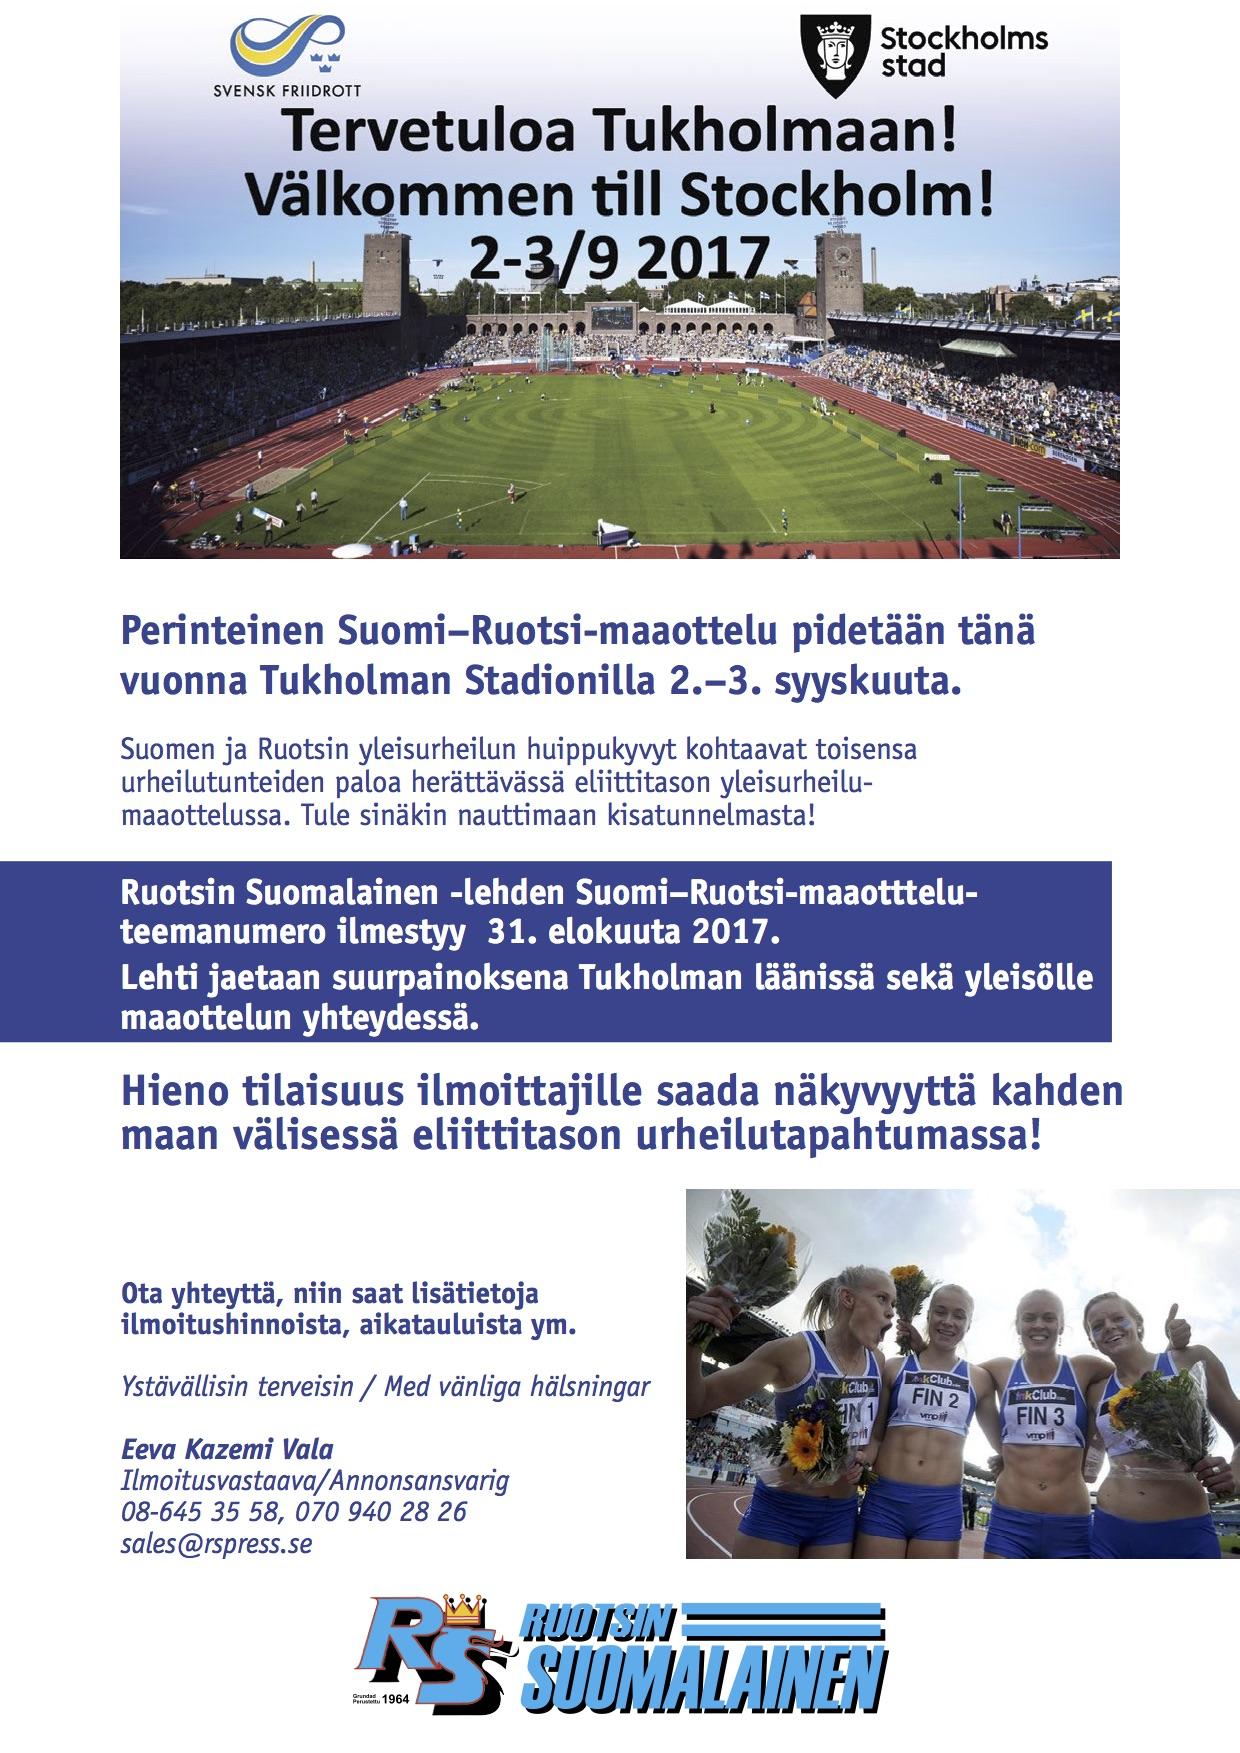 Soittaminen Ulkomailta Suomeen